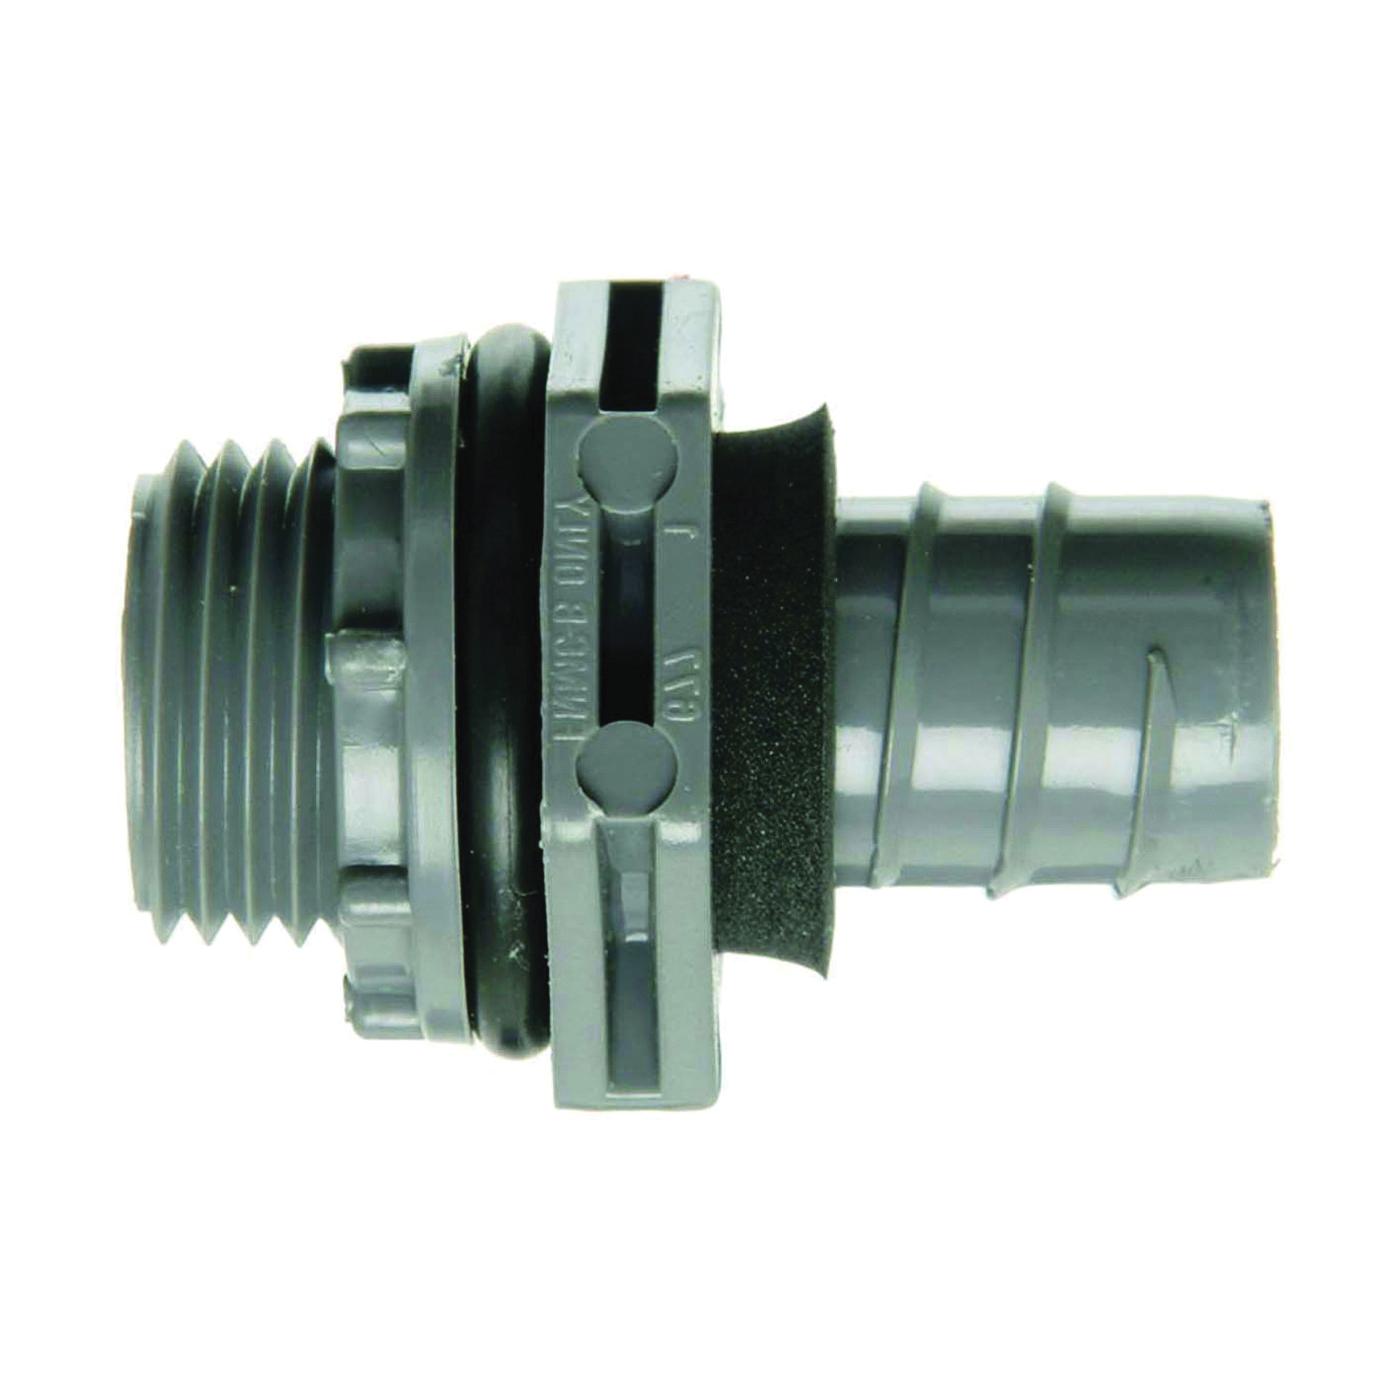 Picture of Carlon LN43EA-CTN Conduit Connector, 3/4 in Trade, NPT, 1.79 in L, PVC